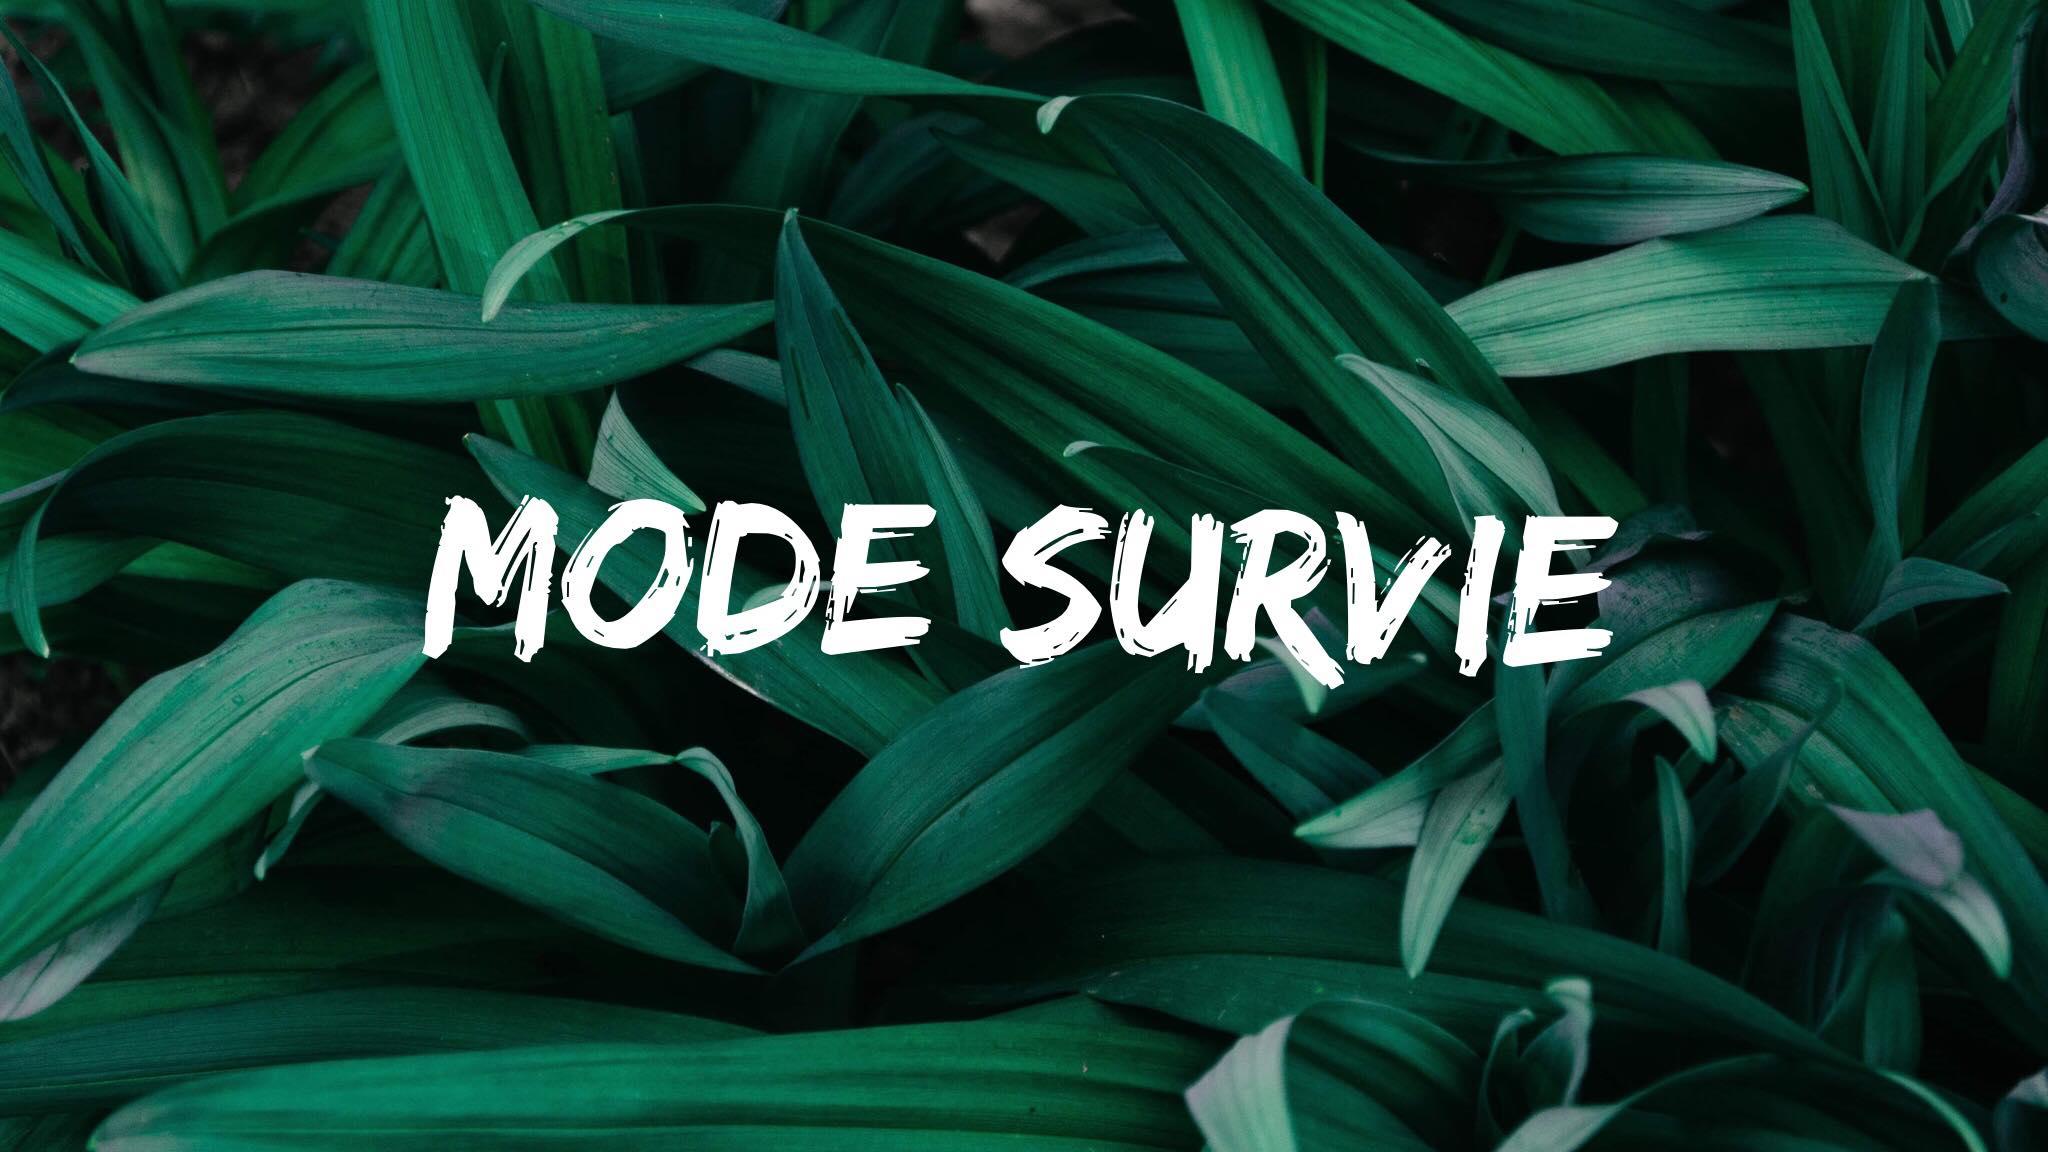 Mode survie